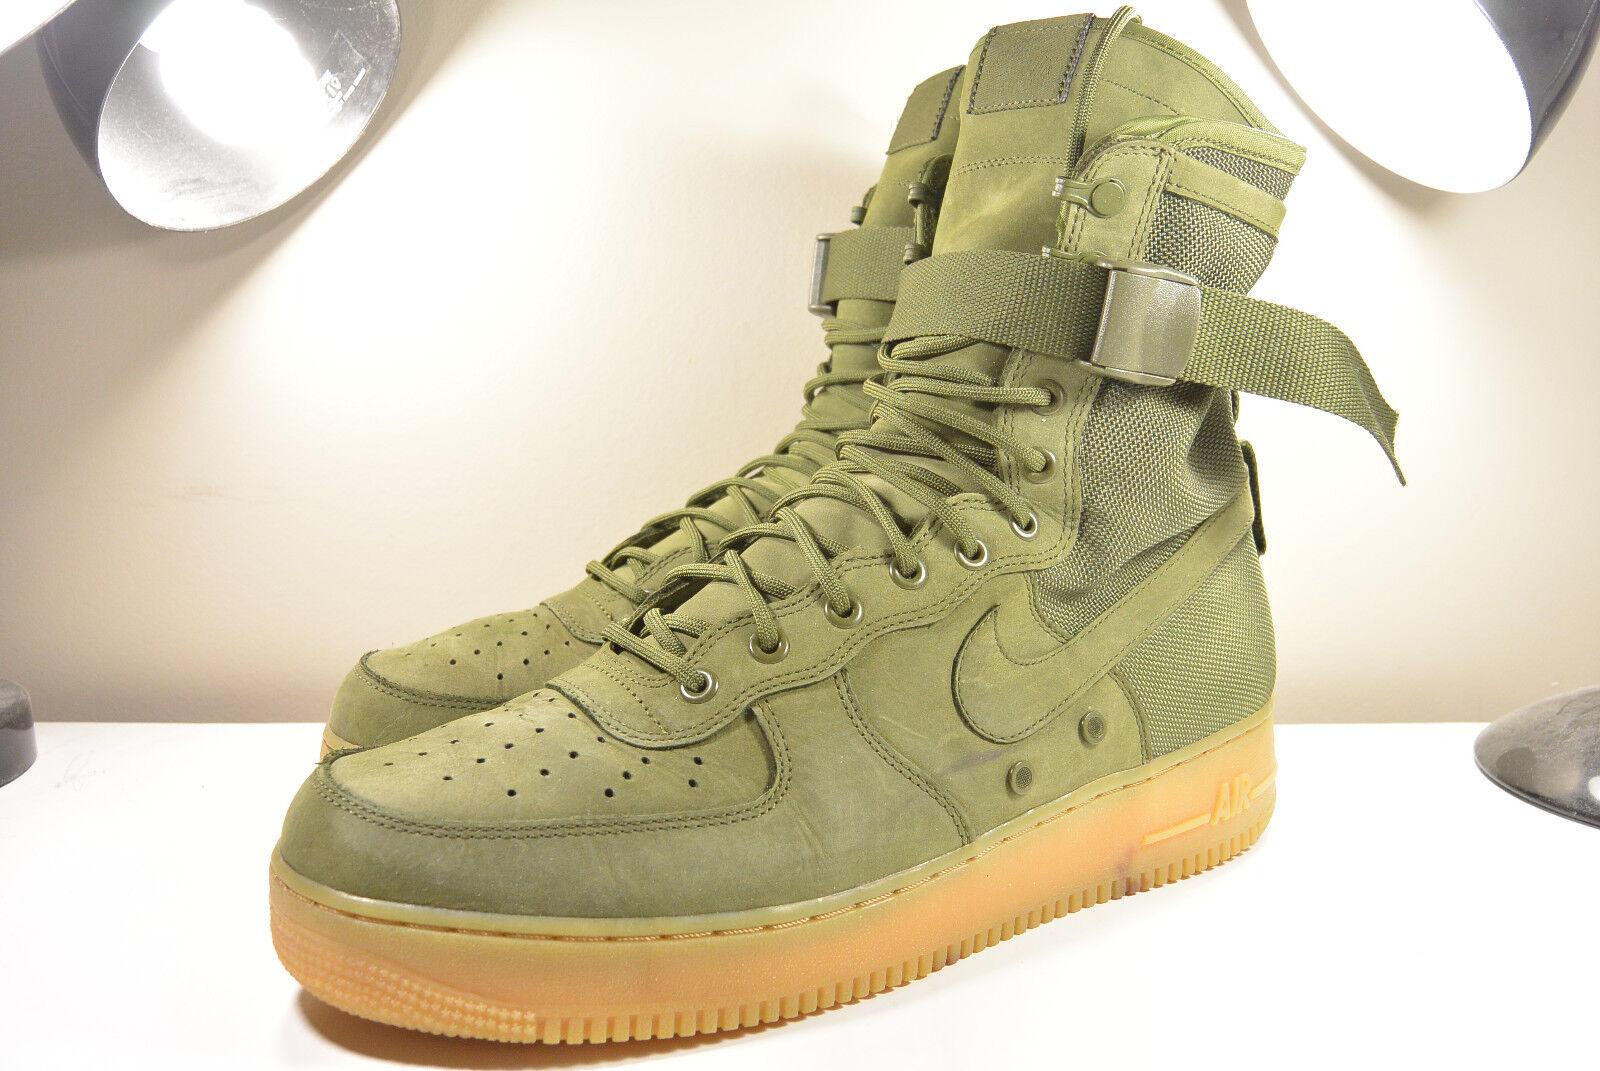 Nike 2016 sf af1 air force 1 speciale feild urban utilità svanire verde oliva 13